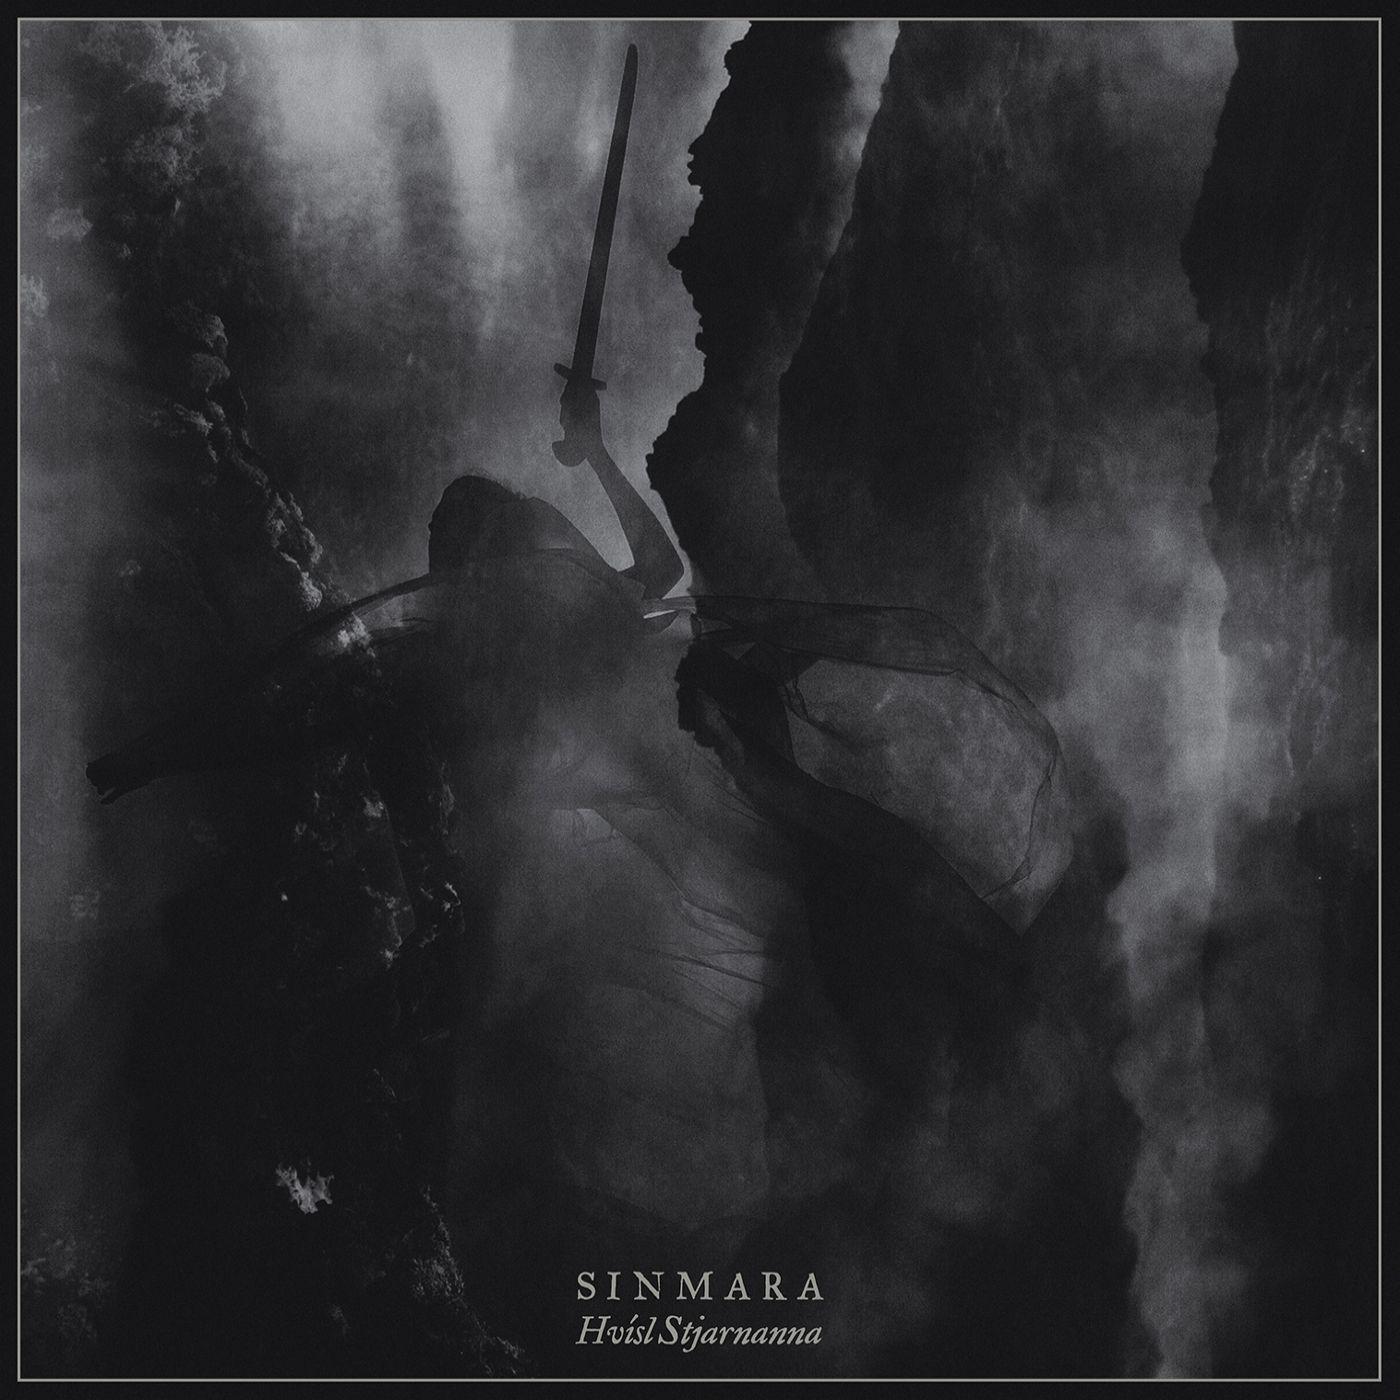 Review for Sinmara - Hvísl Stjarnanna